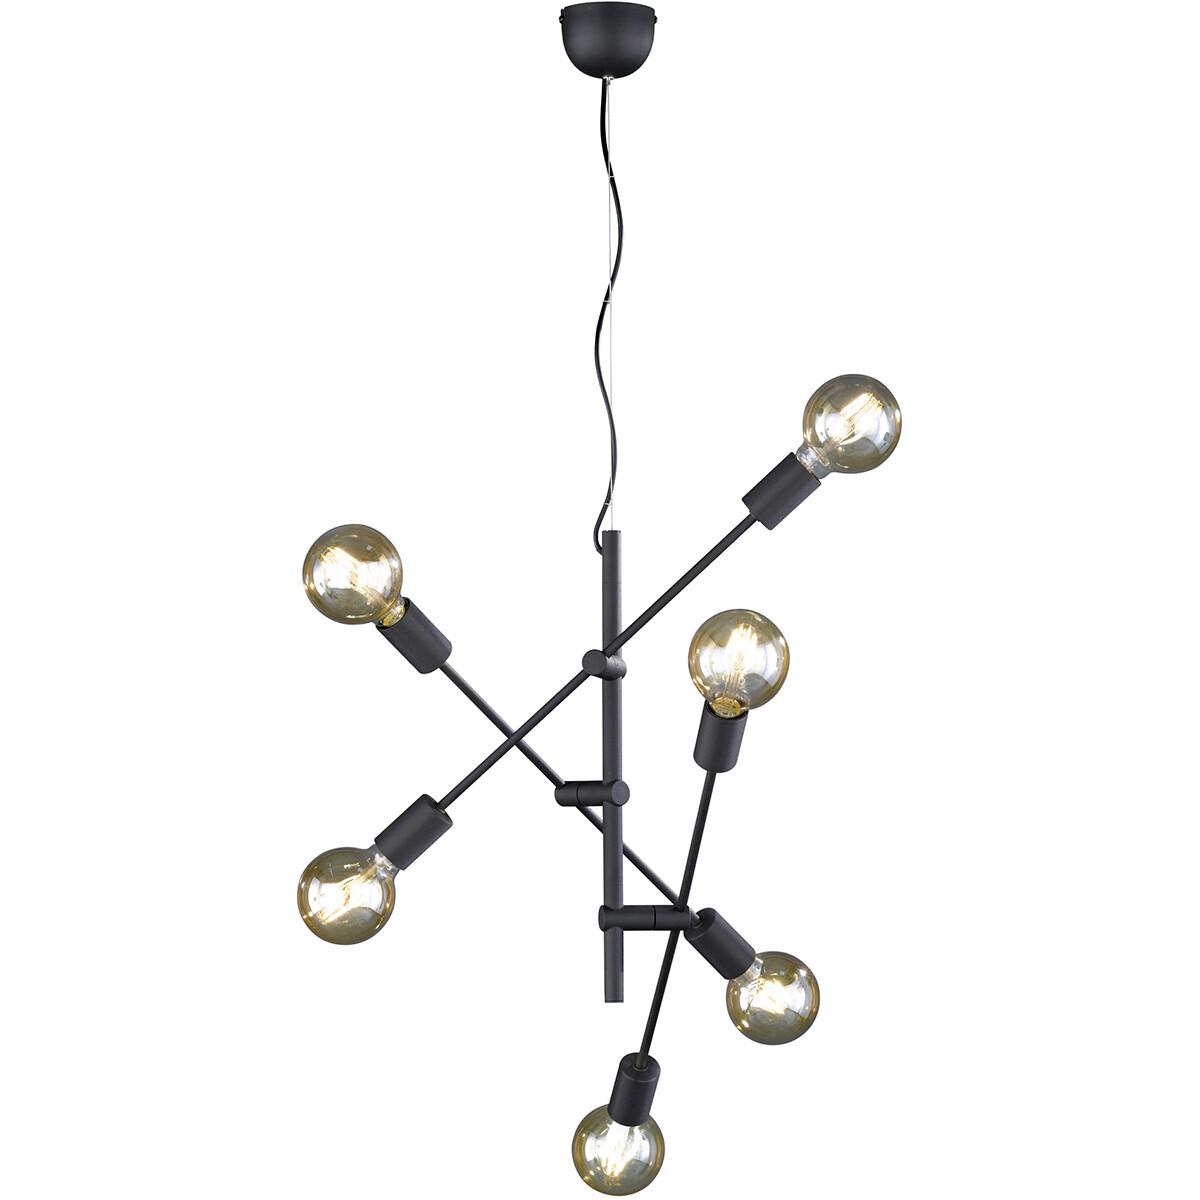 LED Hanglamp - Trion Ross - E27 Fitting - 6-lichts - Rond - Mat Zwart - Aluminium